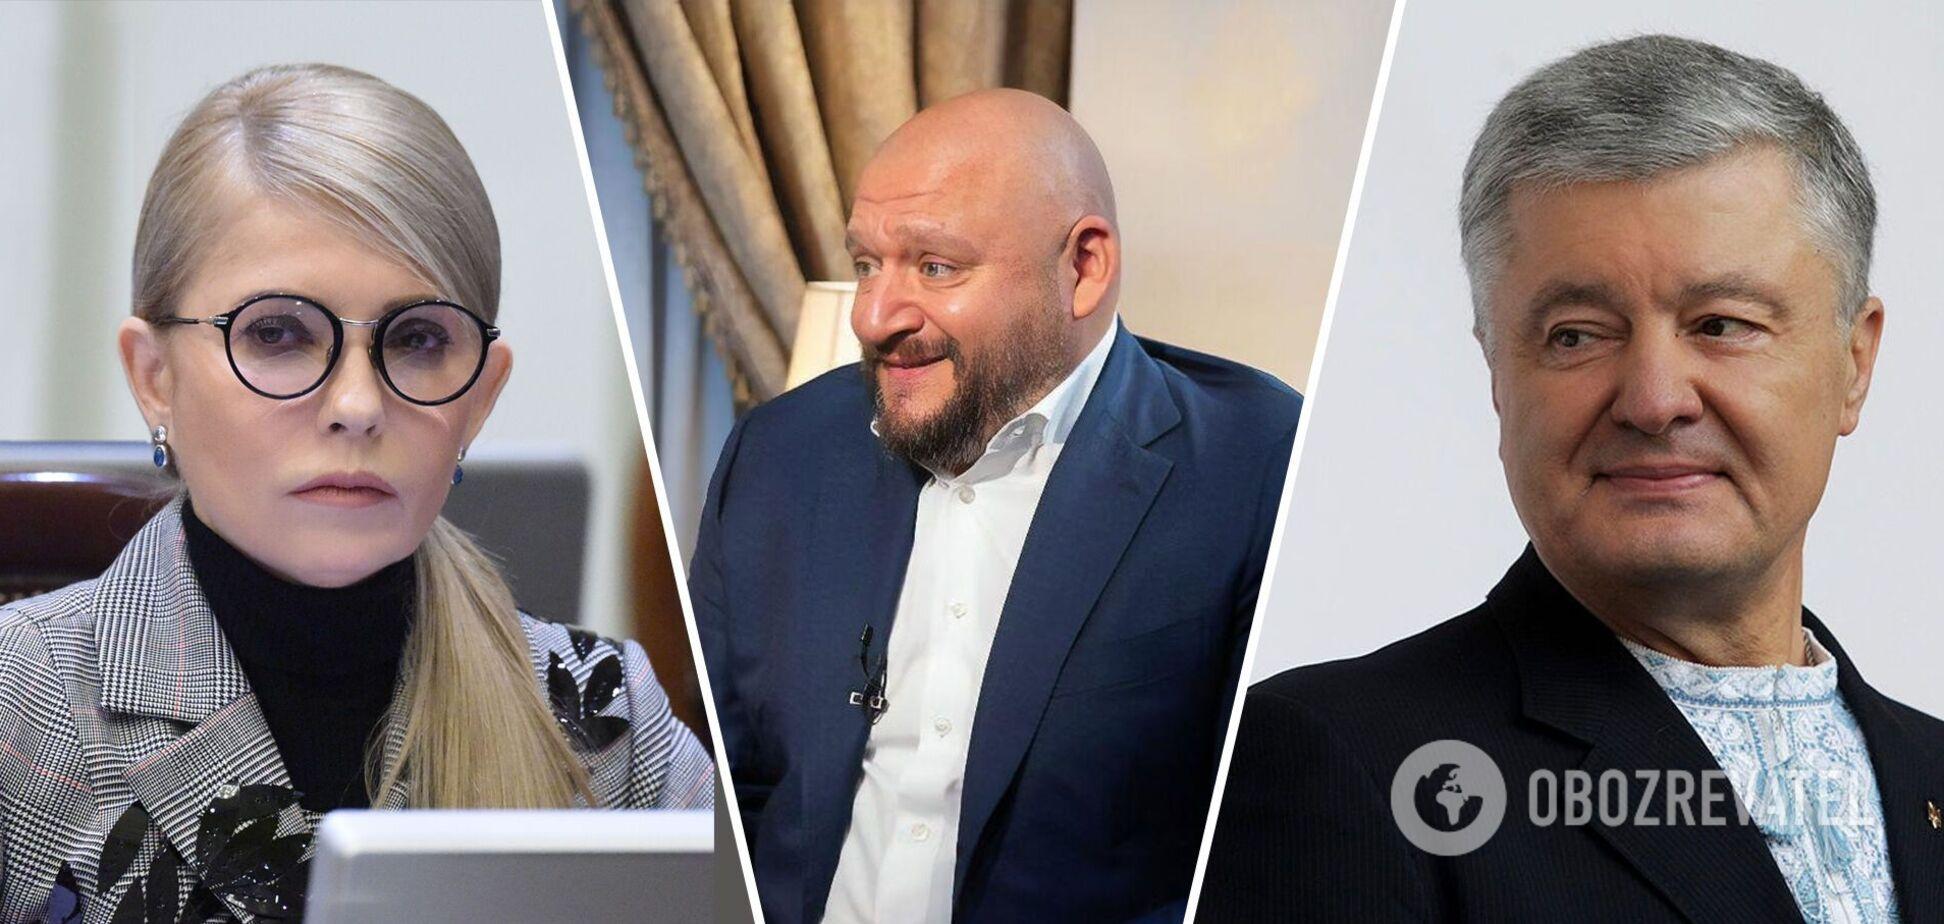 Как изменились Тимошенко, Порошенко и другие политики за последние годы: сравнительные фото